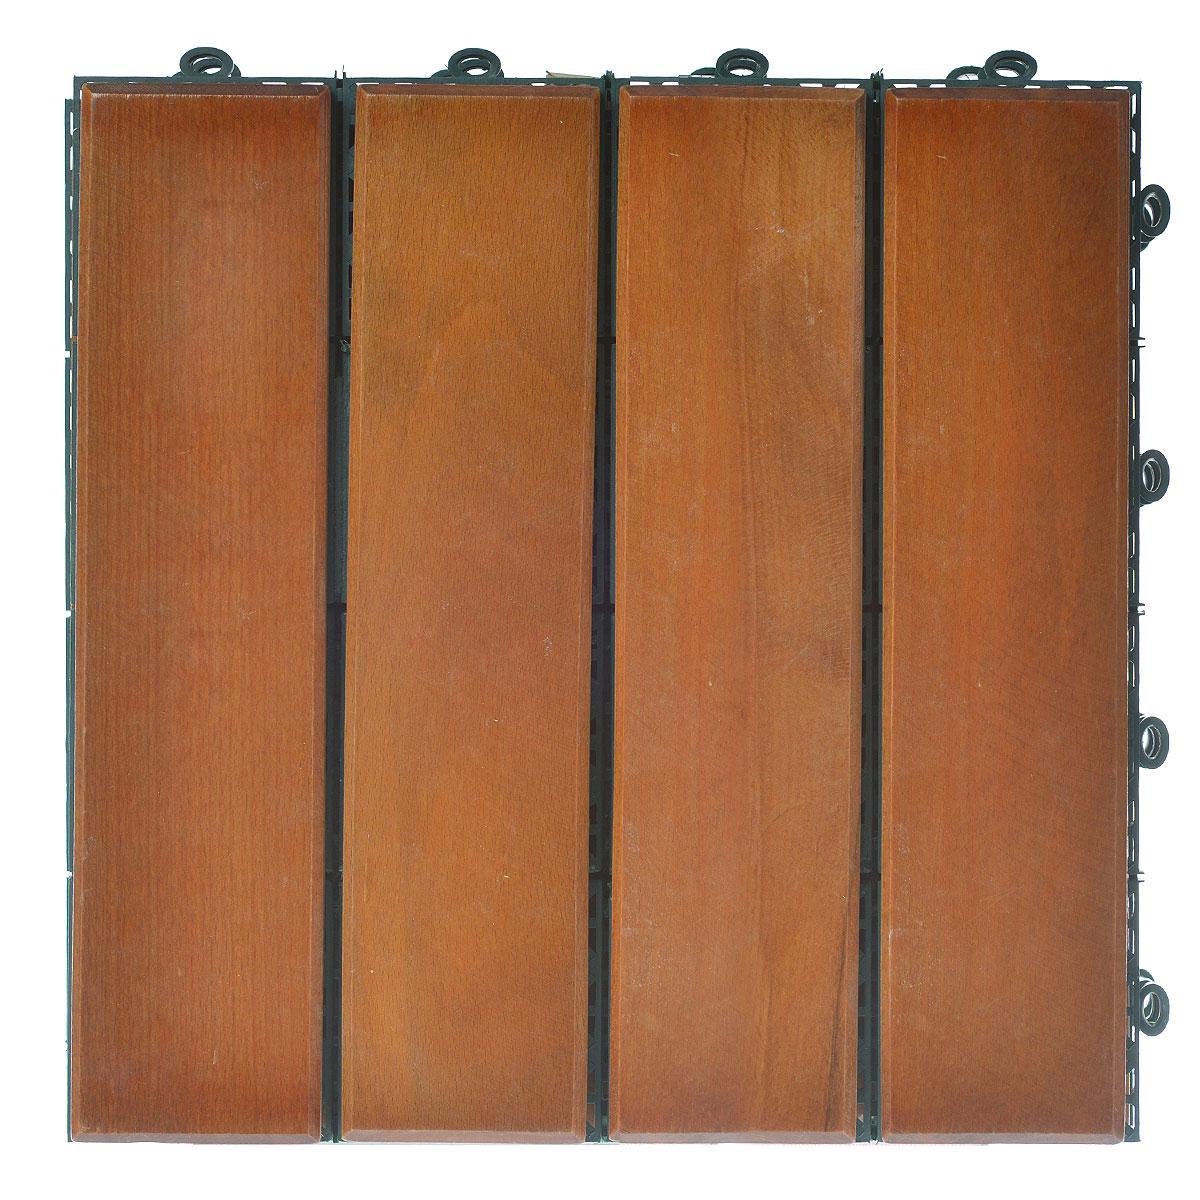 Покрытие Konex Декинг, цвет: дуб, 30 см х 30, 4 шт. ПД-ДПД-ДПокрытие Konex Декинг состоит из 4 секций, изготовленных из высококачественного дерева, основа выполнена из полипропилена.Покрытие предназначено для создания дополнительного (отделочного) слоя пола в различных помещениях бытового и хозяйственного назначения (коридоры, веранды, сауны и бани, ванные комнаты, балконы), а также длябыстрого обустройства открытых площадок и дорожек (спортивные и детские площадки, зоны отдыха, садовые дорожки, террасы, палубы, причалы, бассейны) на подготовленных площадях. Размер секции: 30 см х 30 см х 3 см. Количество секций: 4 шт.